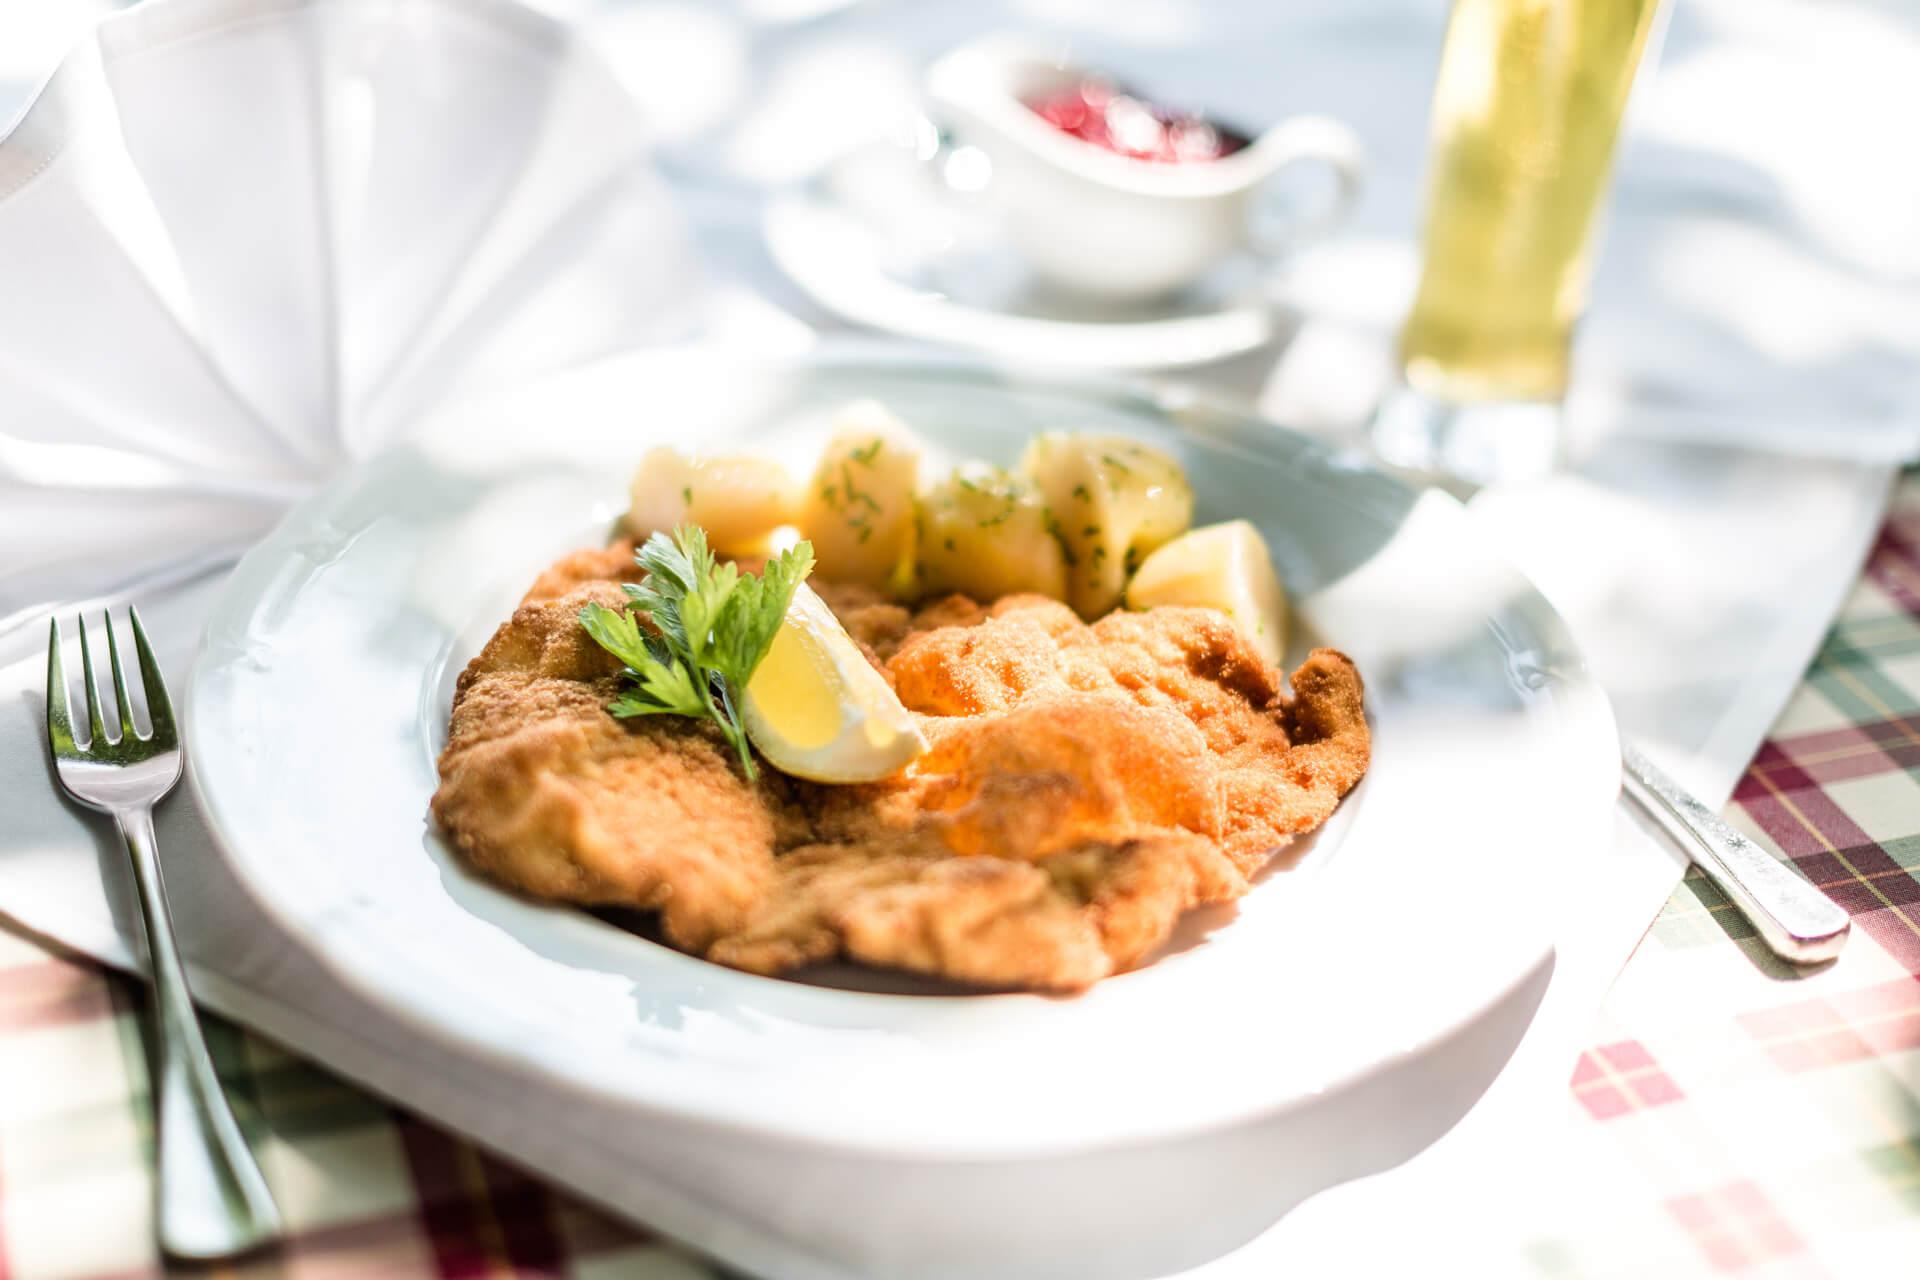 tvb-eugendorf-Holznerwirt-Wiener Schnitzel